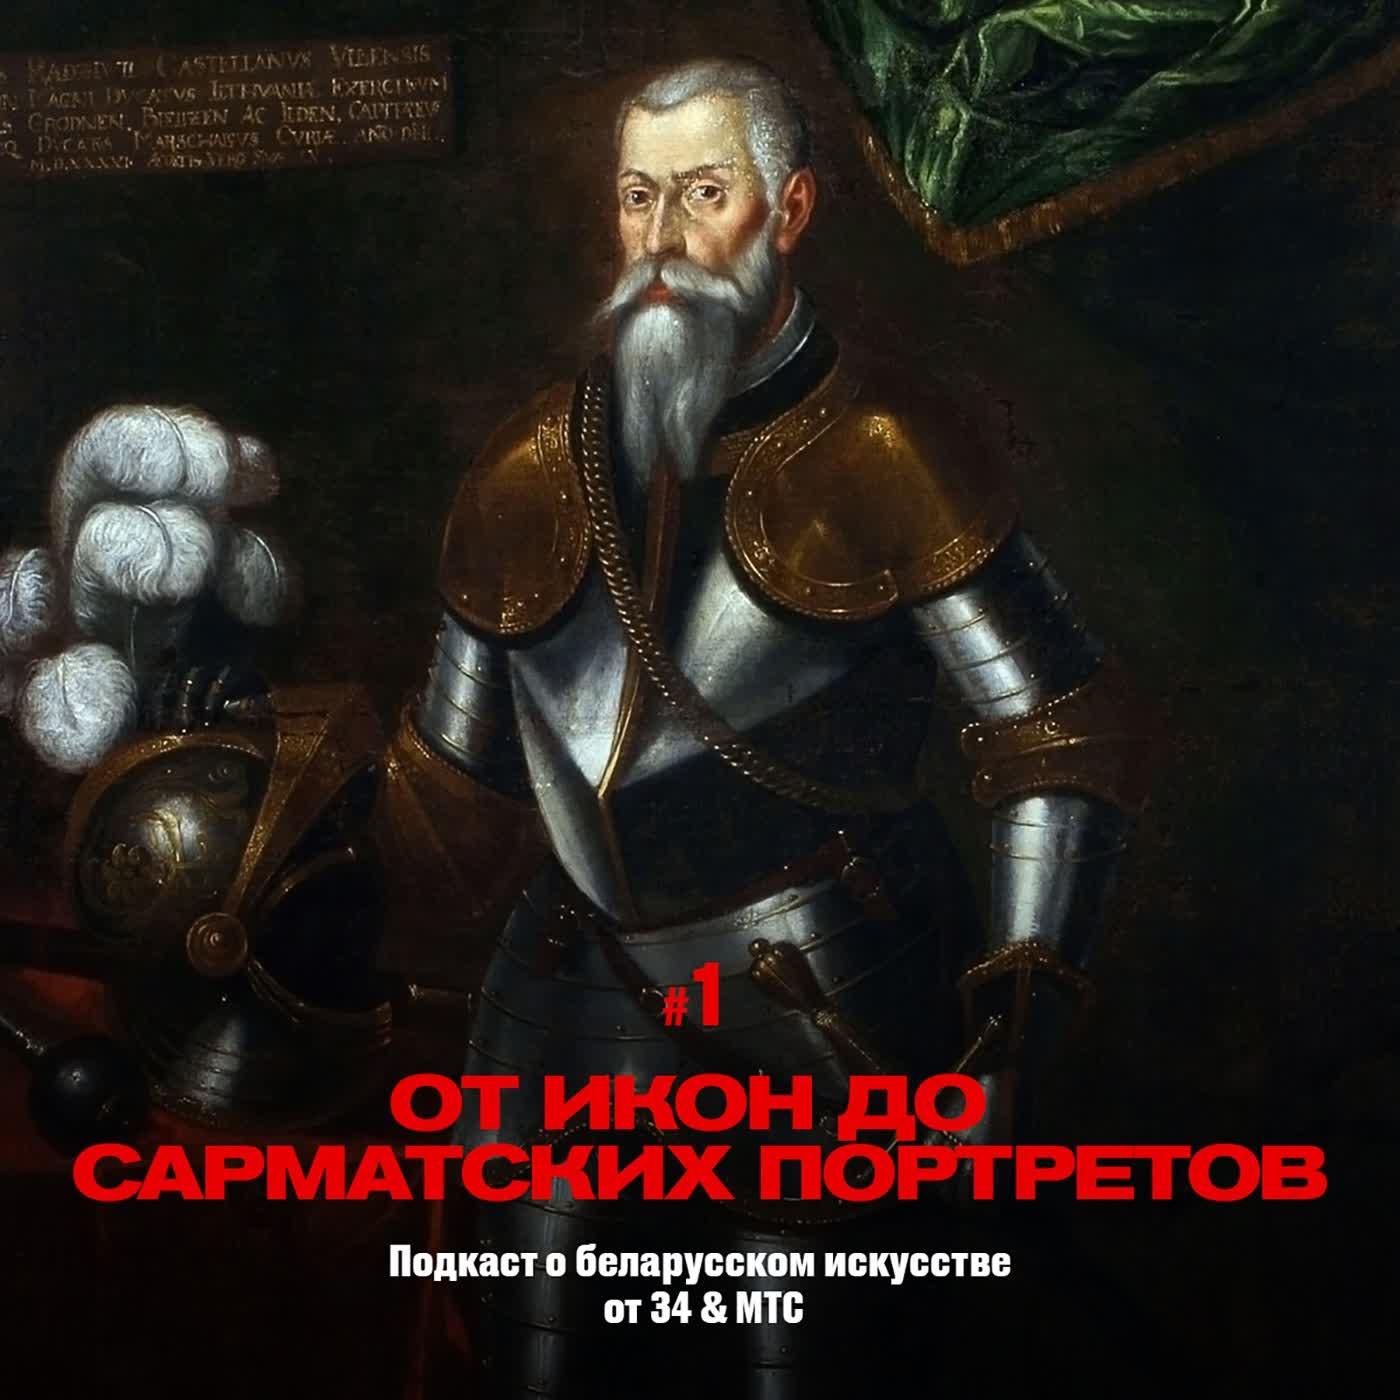 1 / От древних икон до сарматских портретов (подкаст by 34 & МТС)